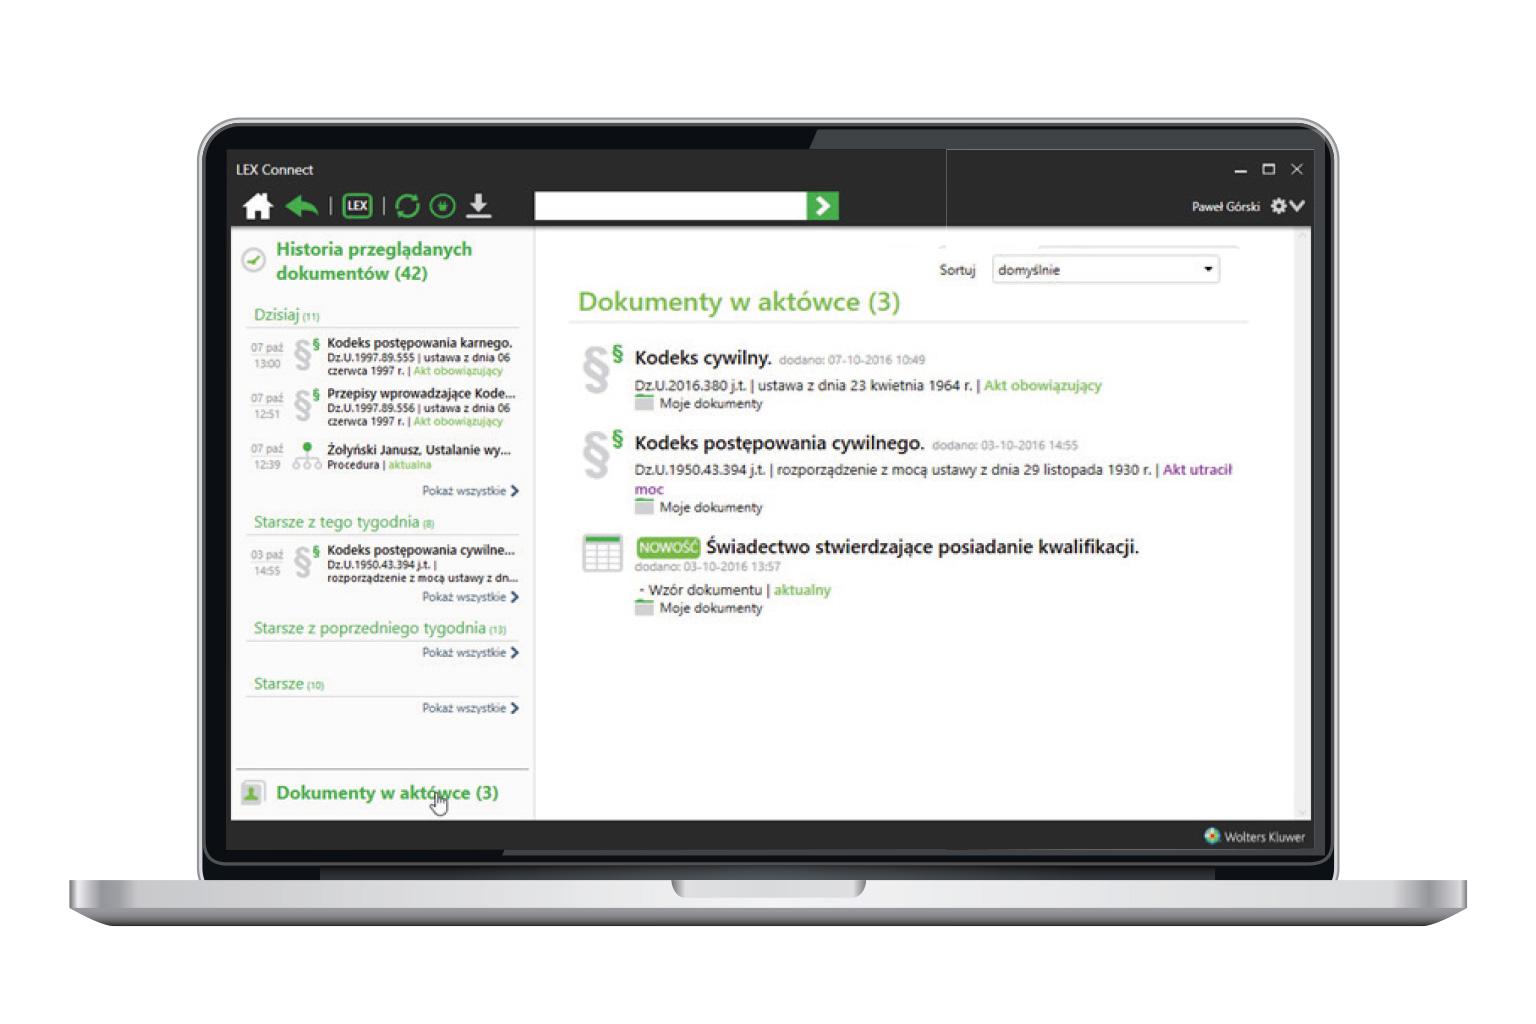 Okno narzędzia LEX Connect przedstawiające funkcję Praktyczna Aktówka